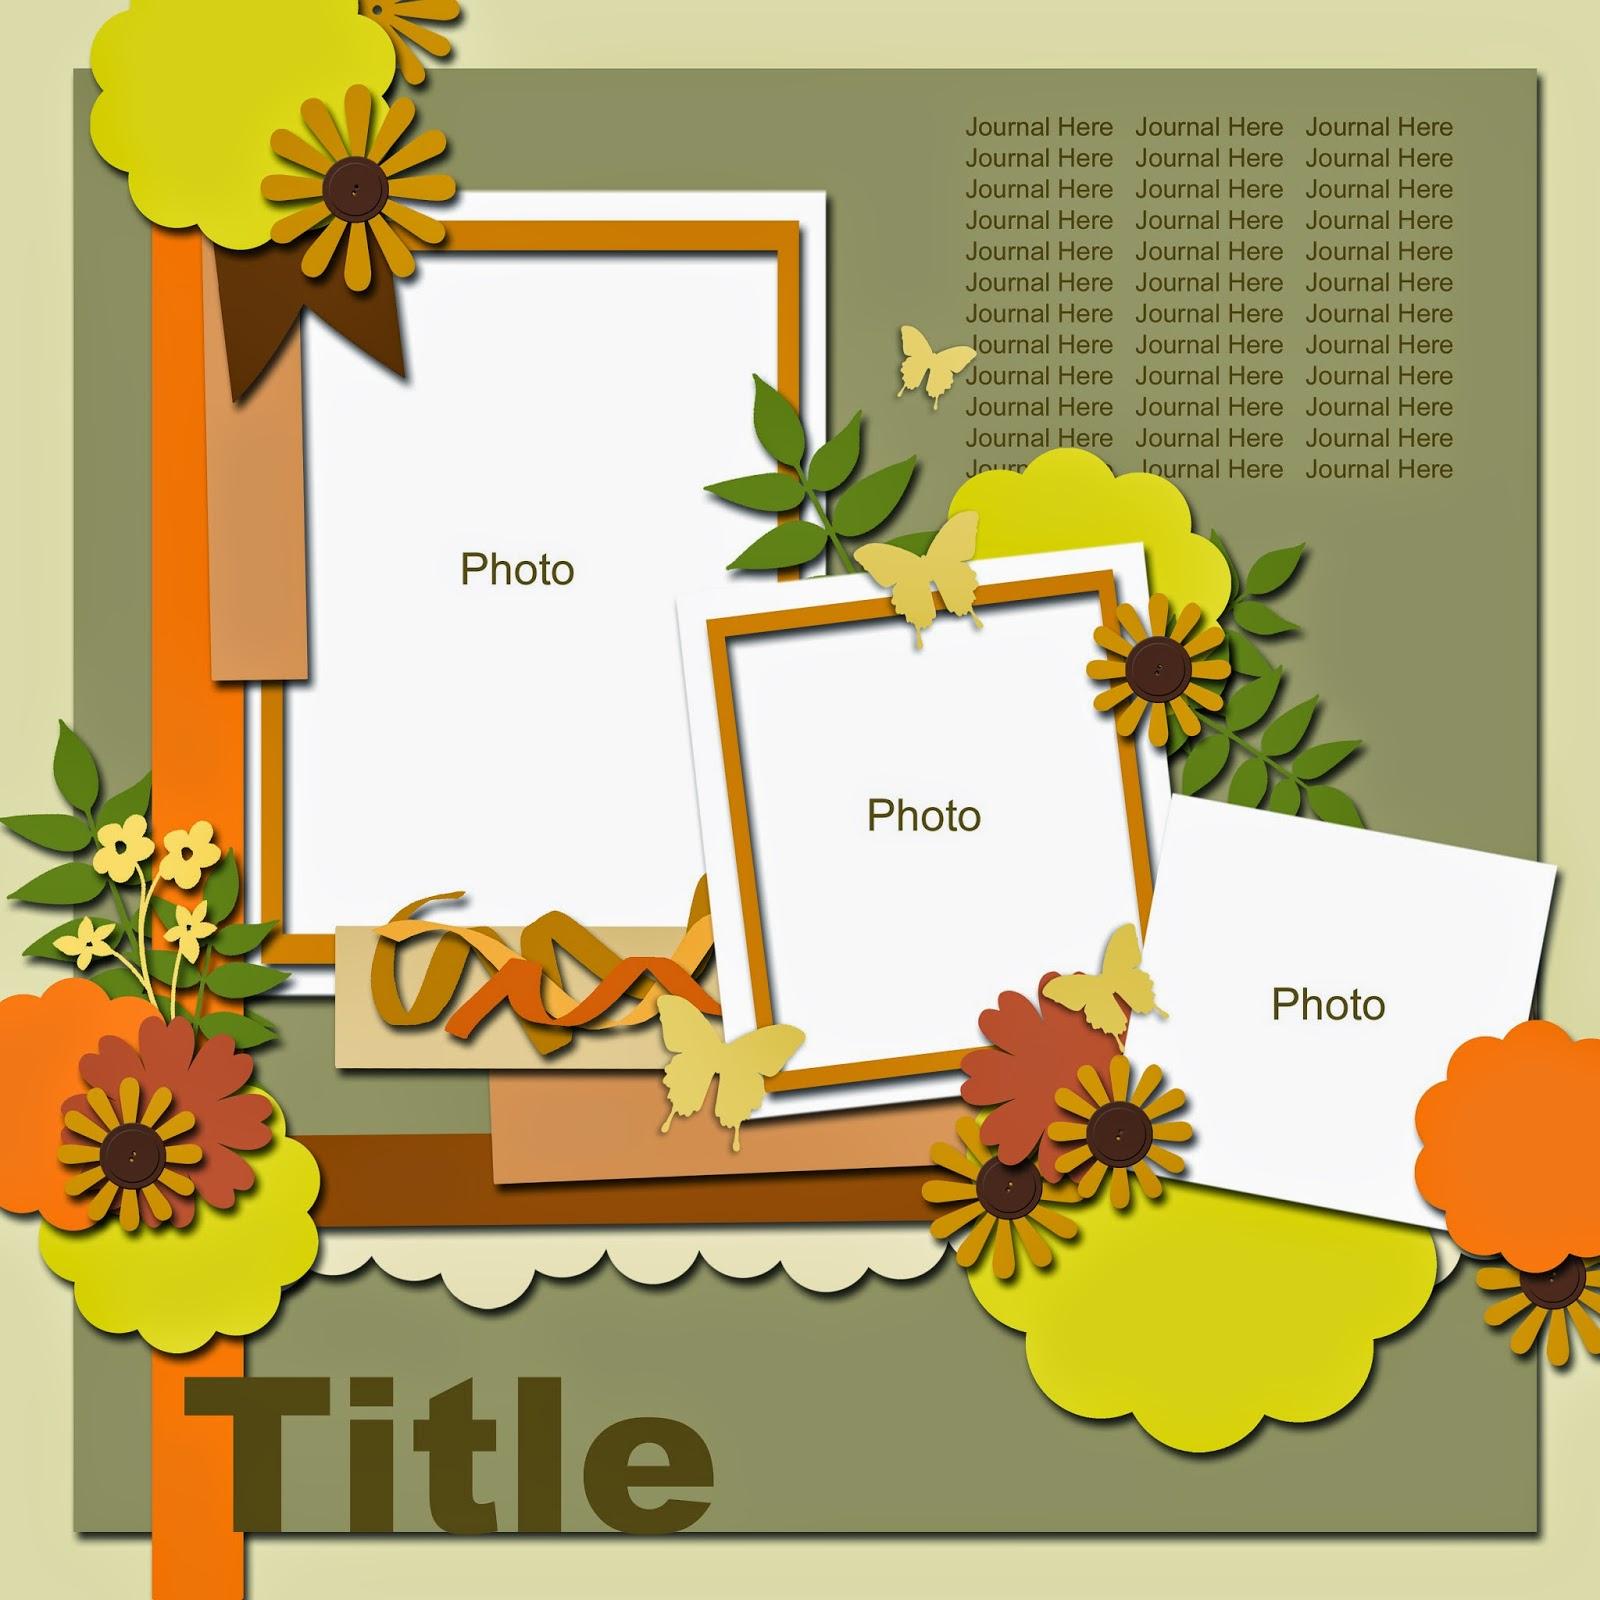 http://2.bp.blogspot.com/-9dTDhoVn3TI/VBtxAUyhnNI/AAAAAAAAA0o/S0Hyyfc6-v4/s1600/OklahomaDawn%2B09_17_14_edited-1.jpg